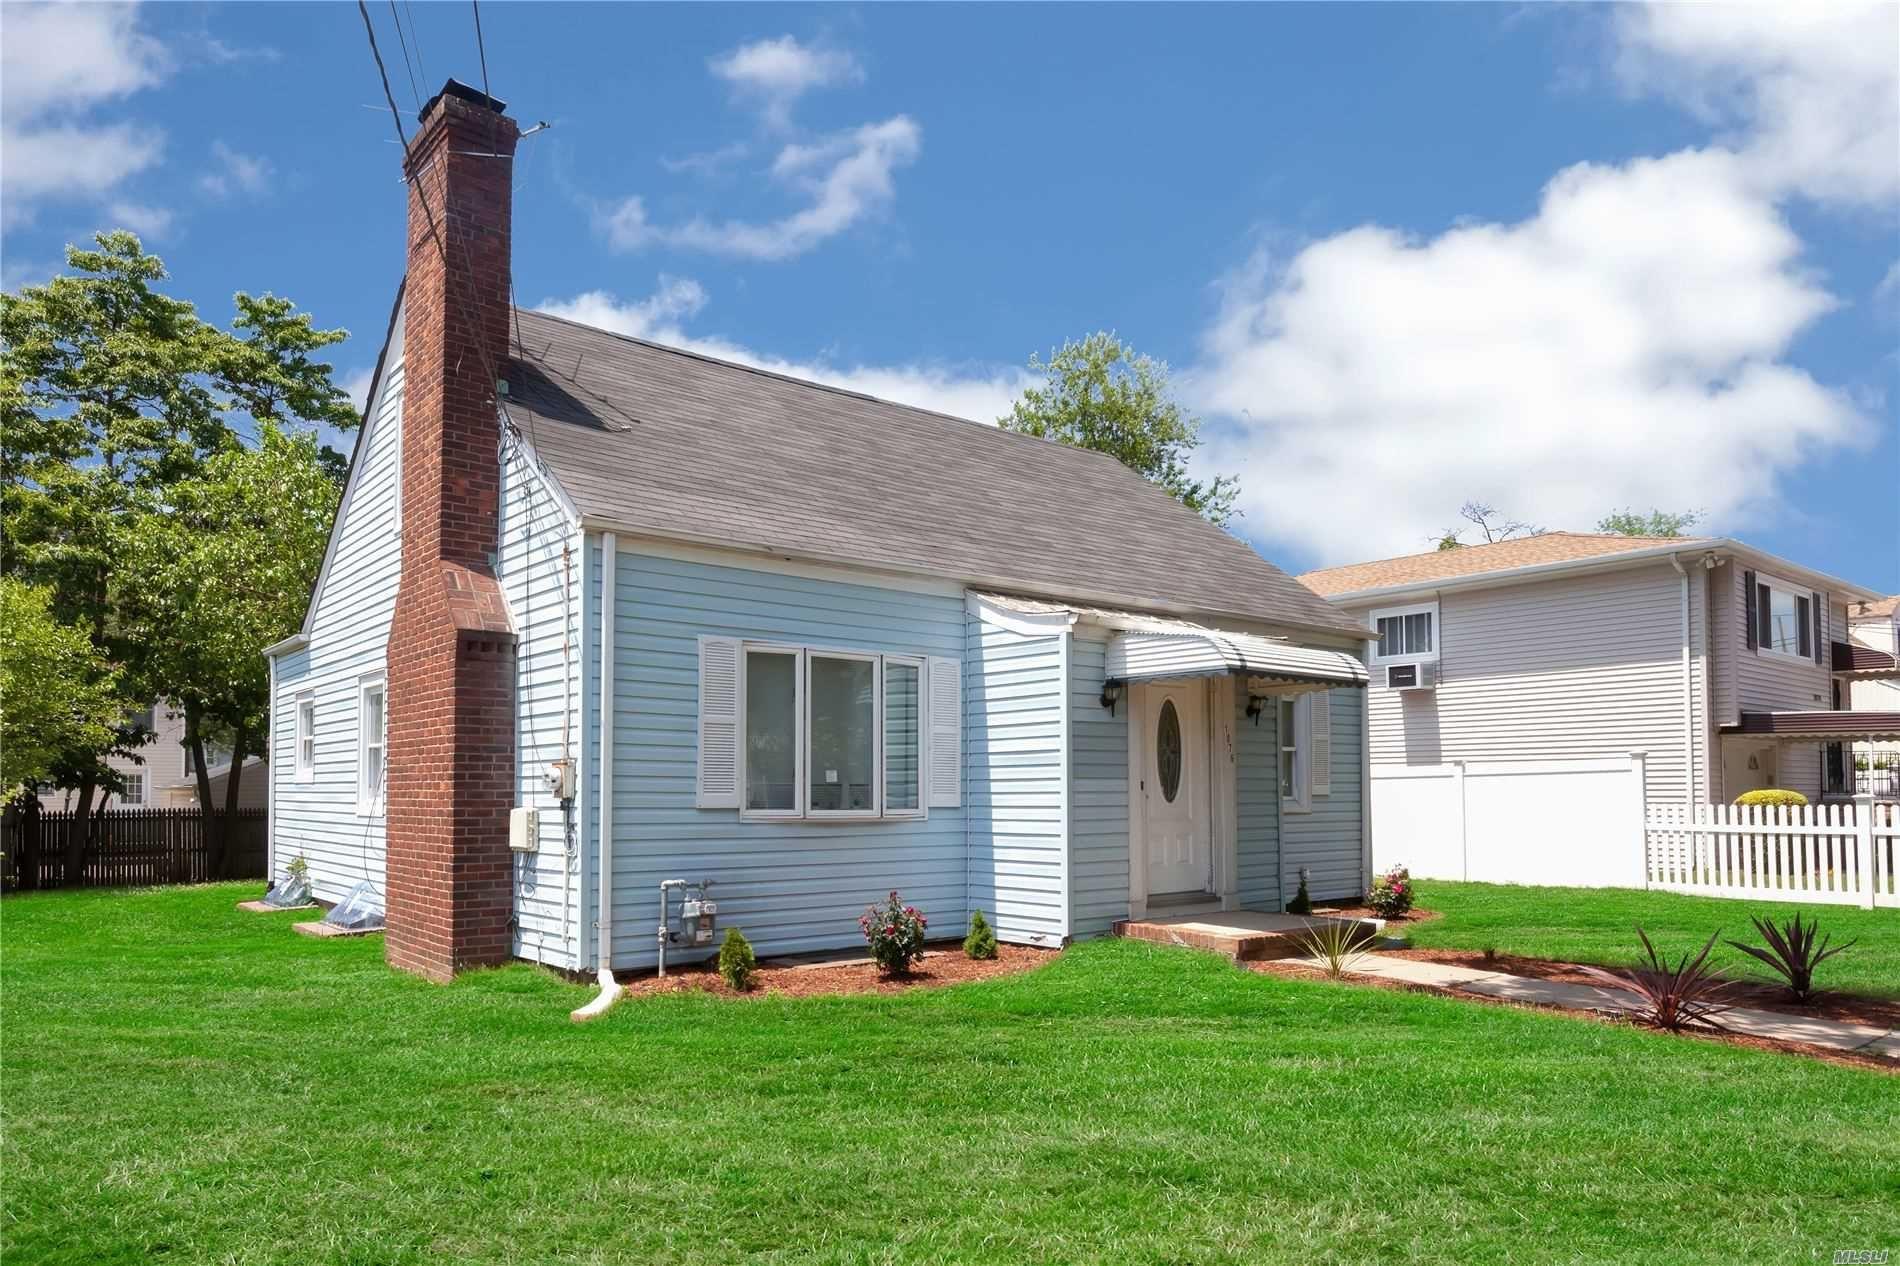 1076 Mahopac Rd, West Hempstead, NY 11552 - MLS#: 3216665